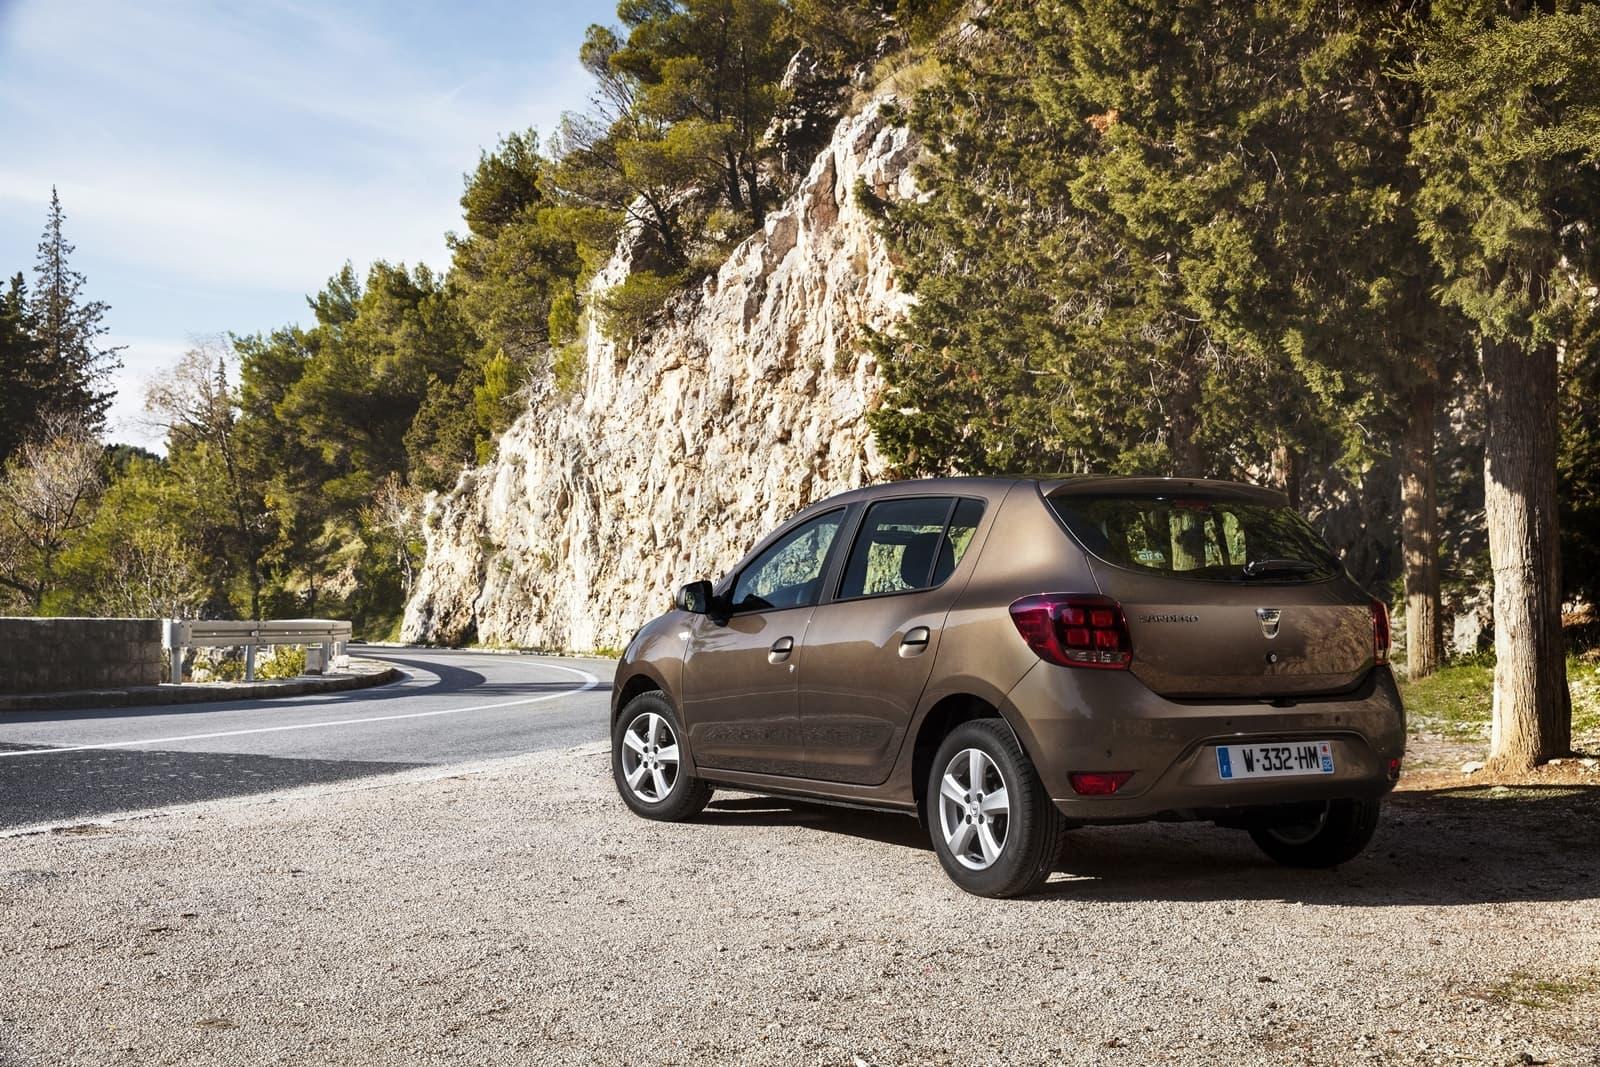 Dacia Sandero 0119 Ficha 022